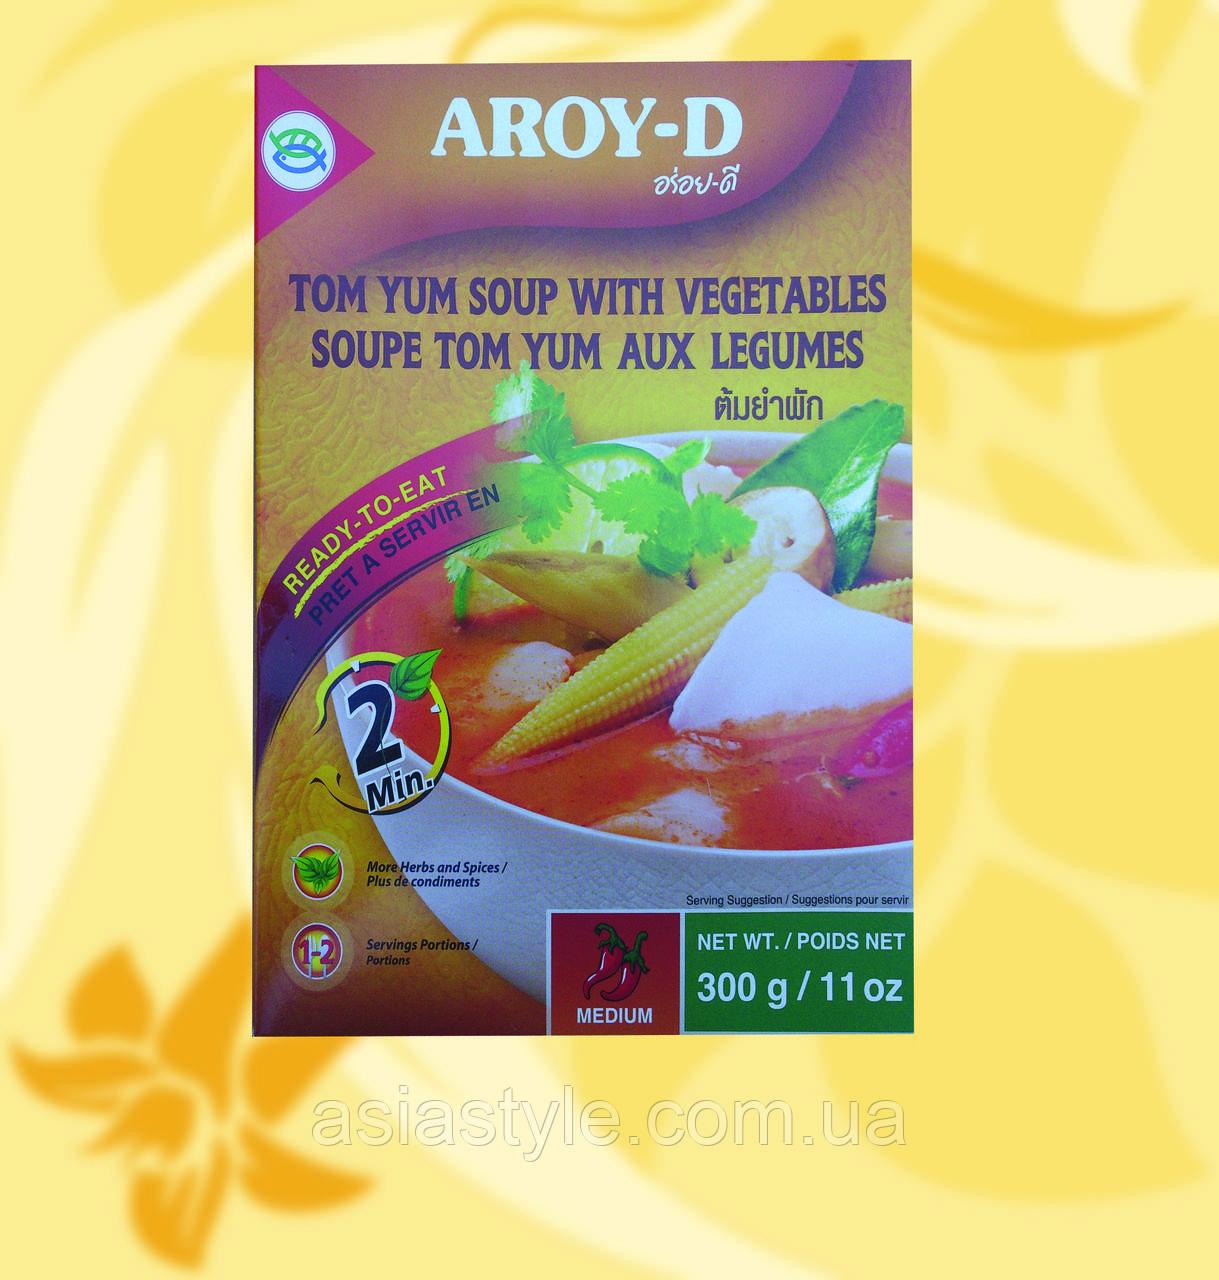 Суп Том Ям з овочами, Aroy-D, 300 г, Мо